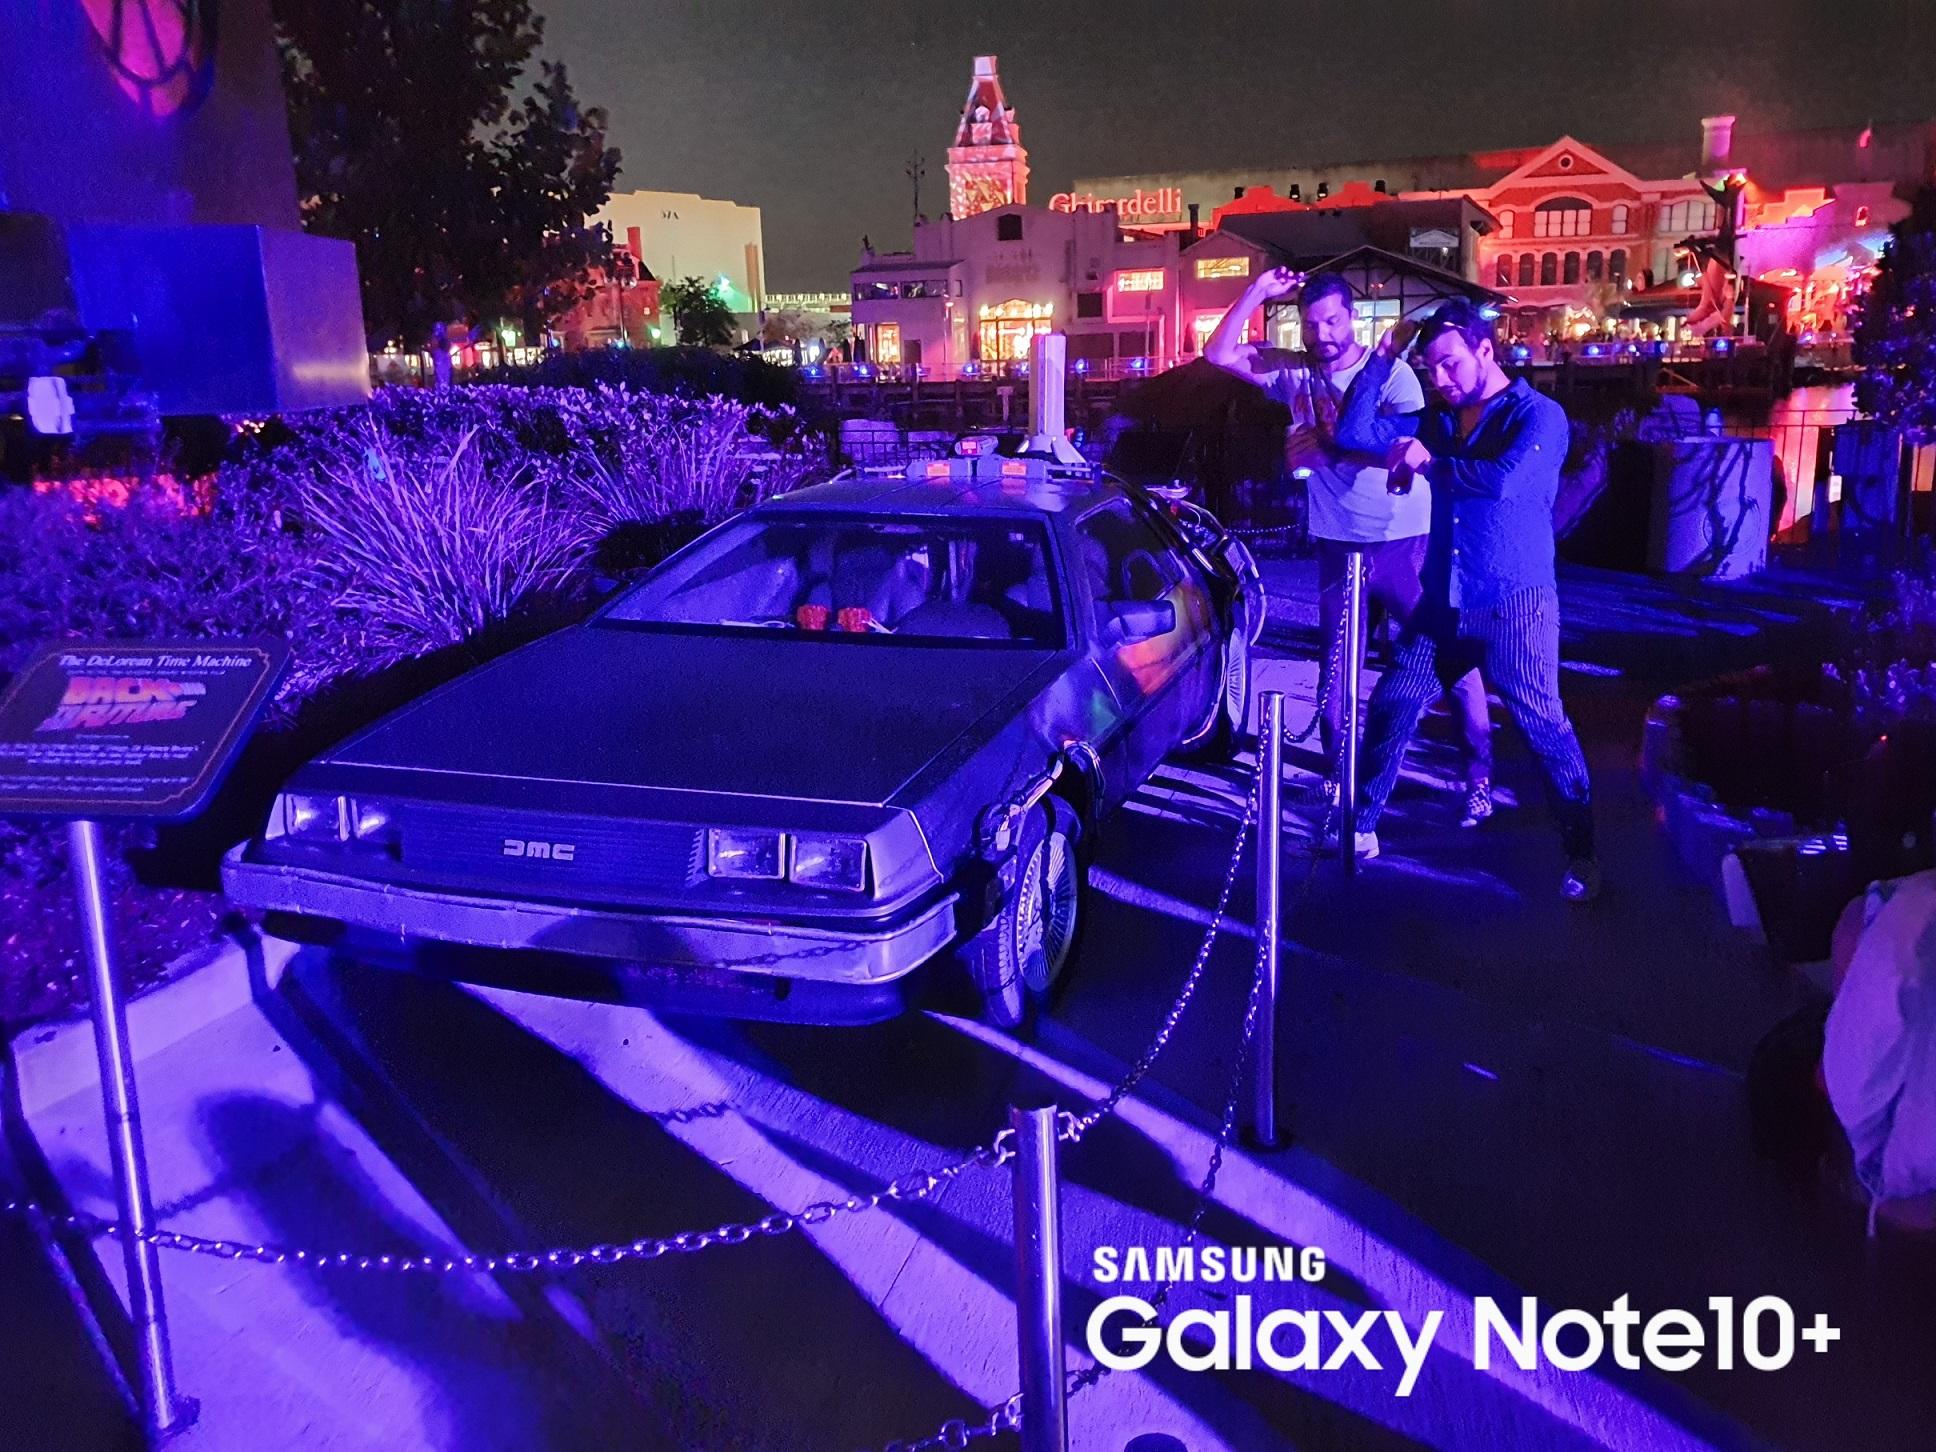 Probamos el Samsung Galaxy Note 10+